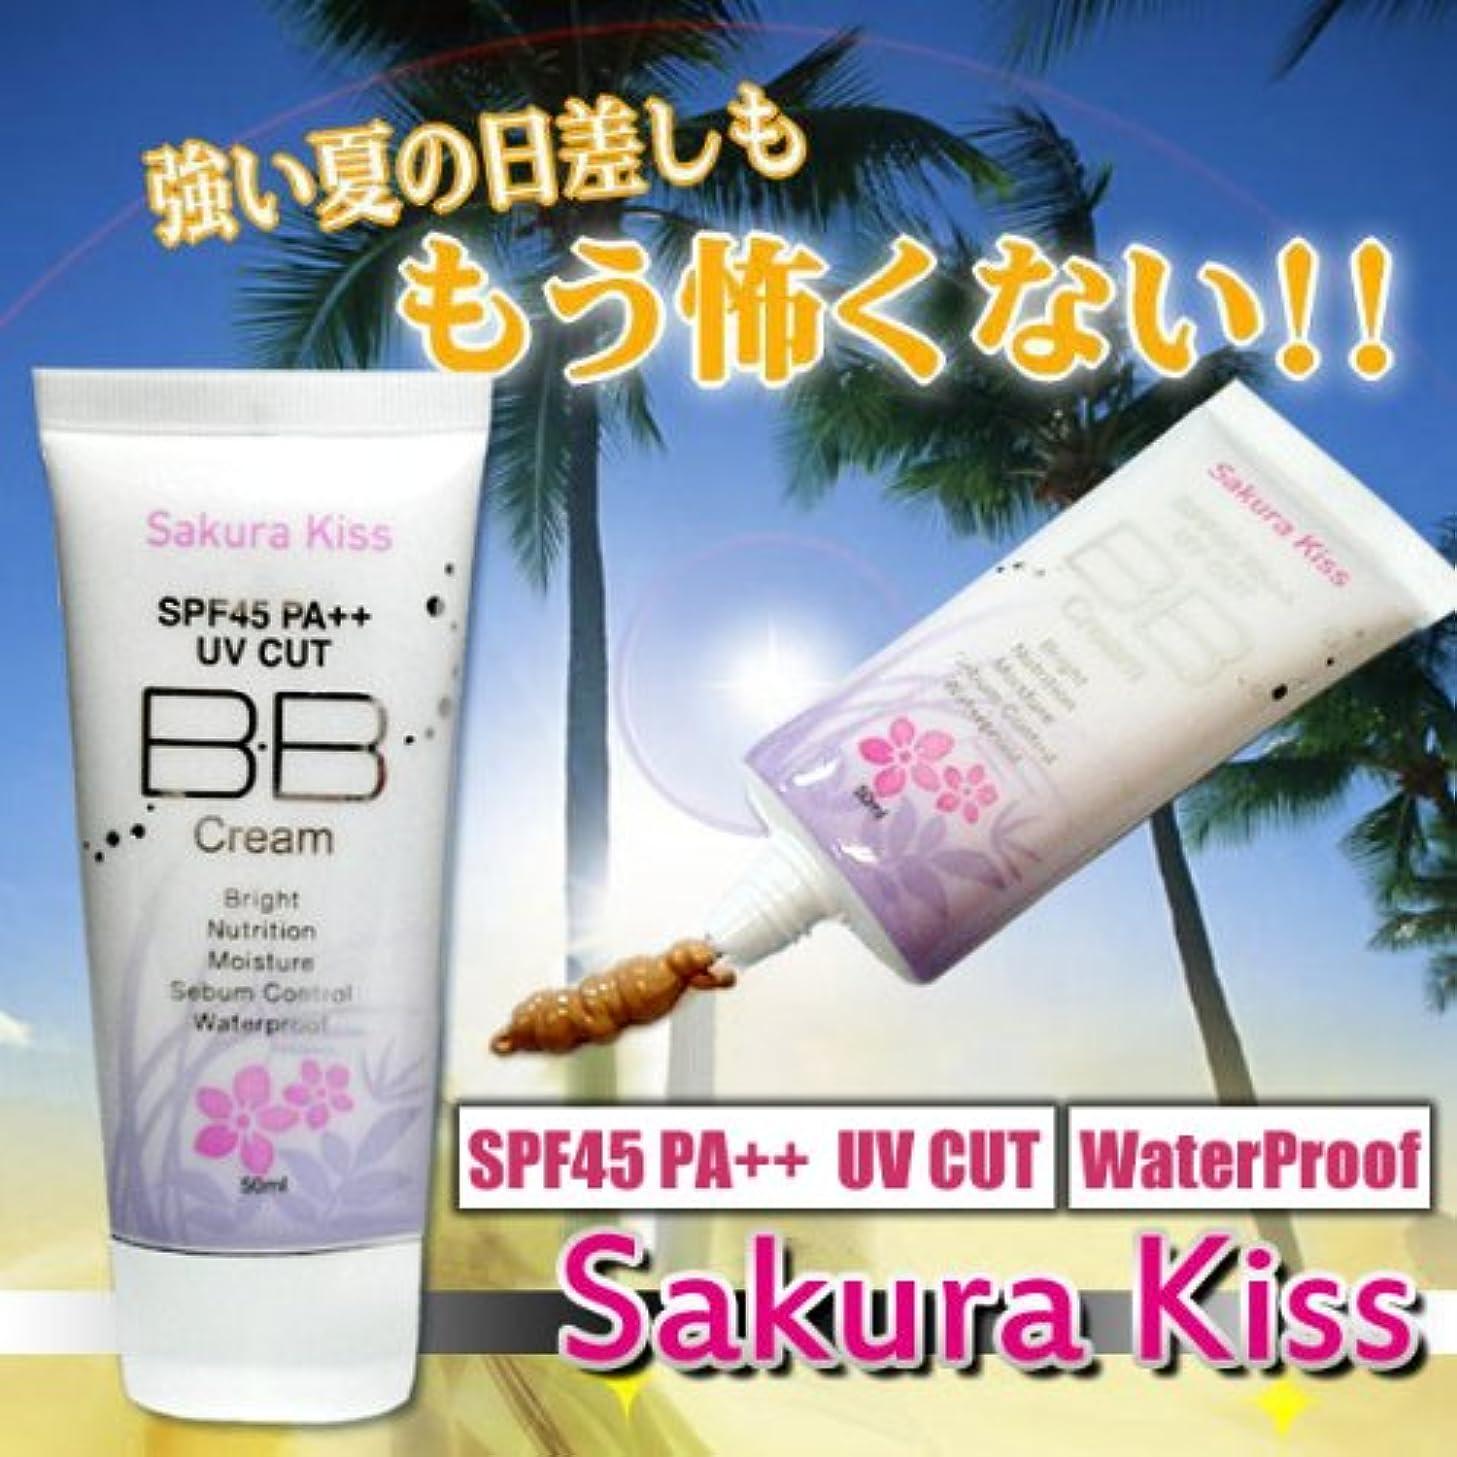 表面困惑する手を差し伸べるSakura Kiss BBクリーム UVプロテクト SPF45PA++ 50ml